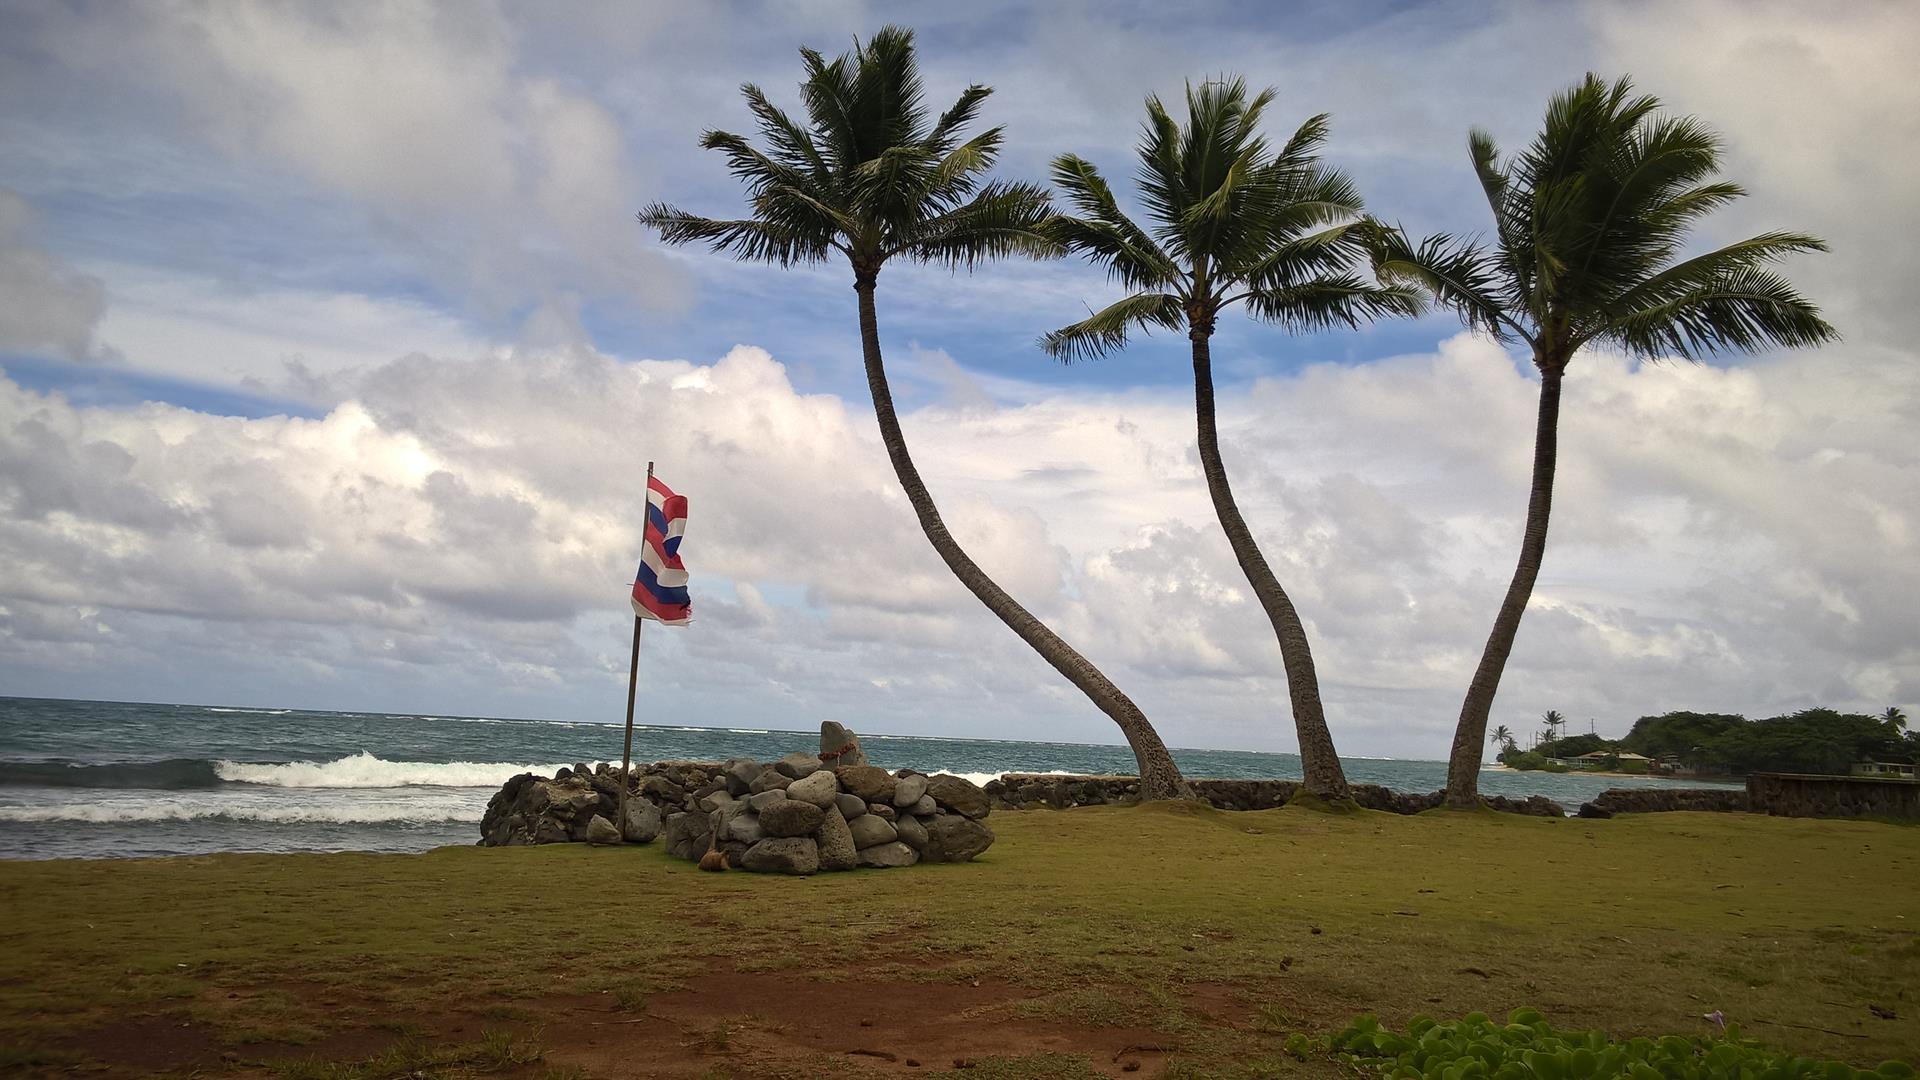 Eine Hawaii Flagge vor drei Palmen am Meer: Könnte kaum besser sein!